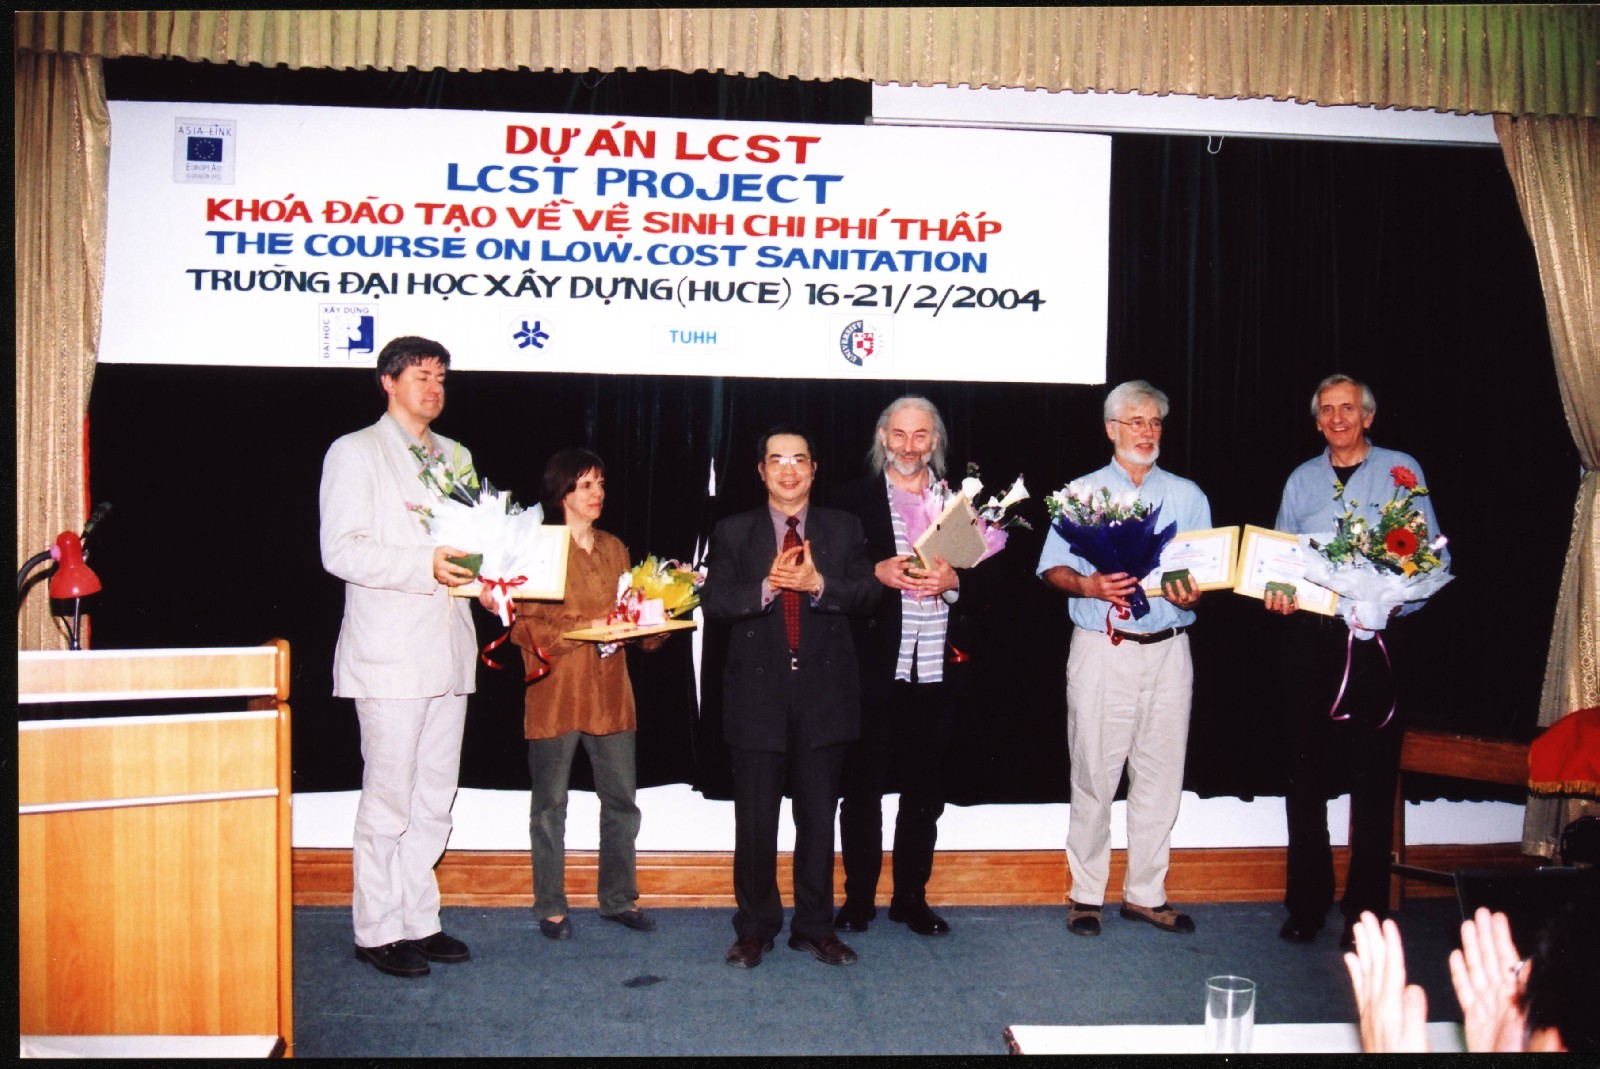 Dự án LCST - EU